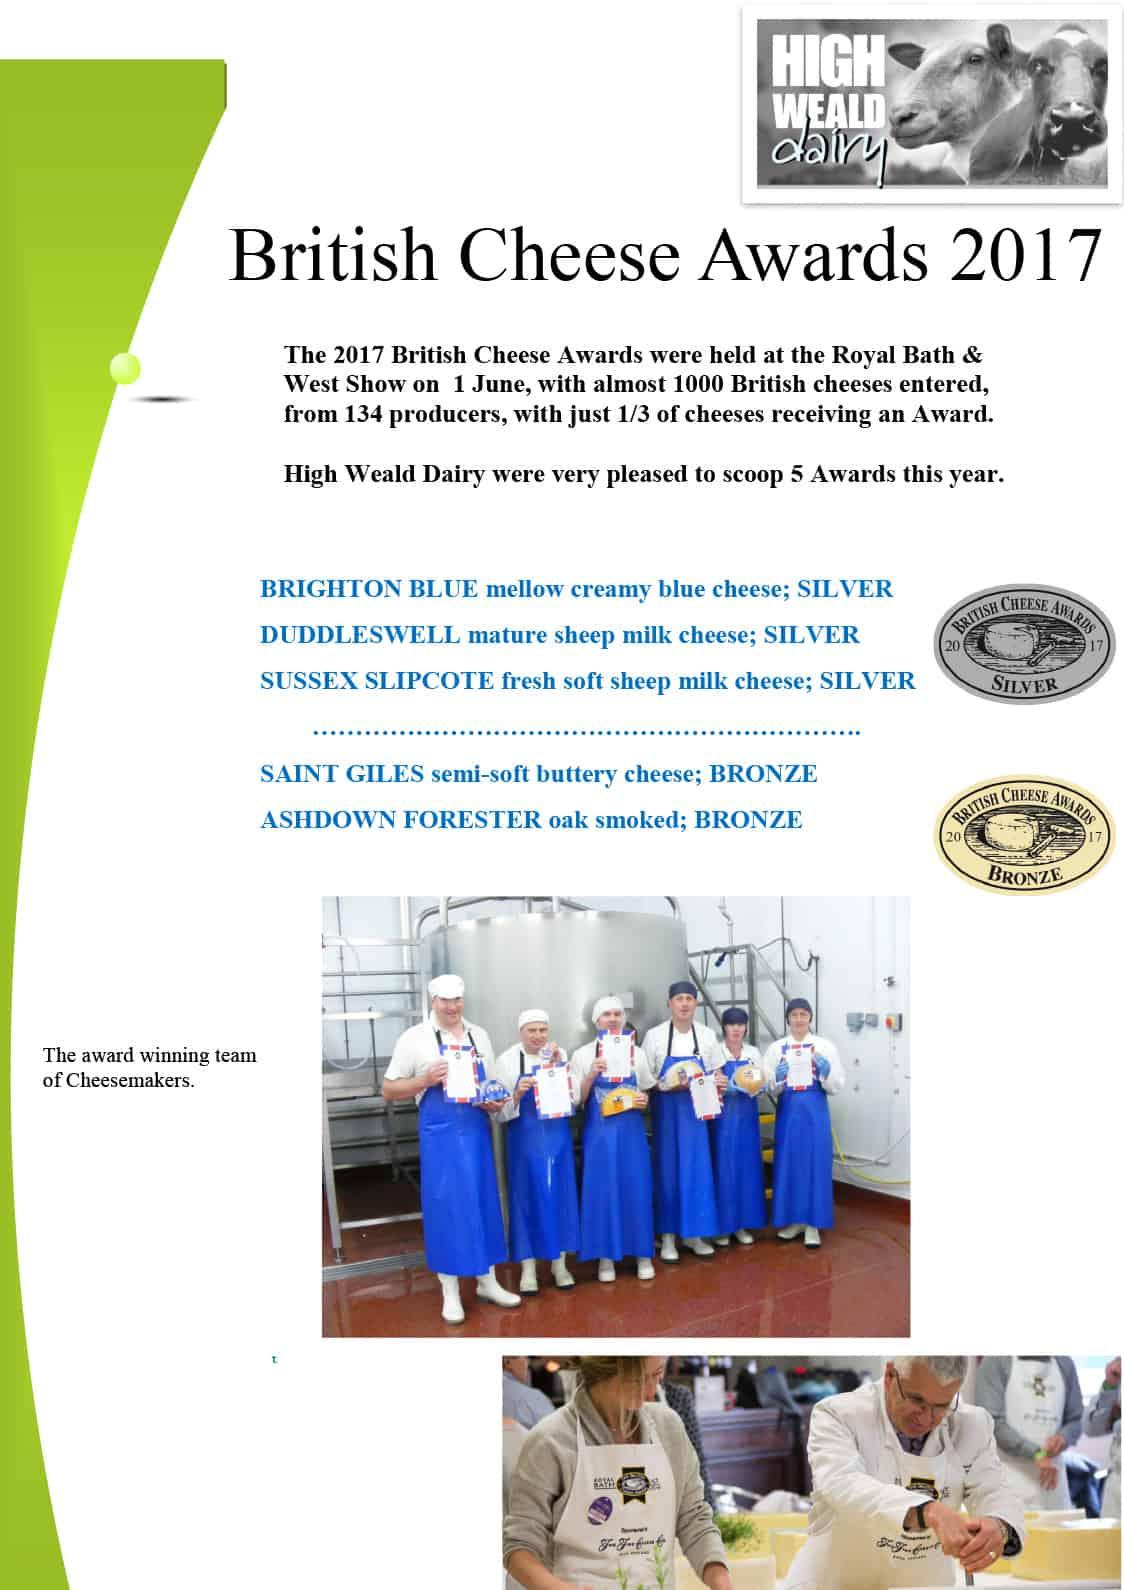 British Cheese Awards 2017